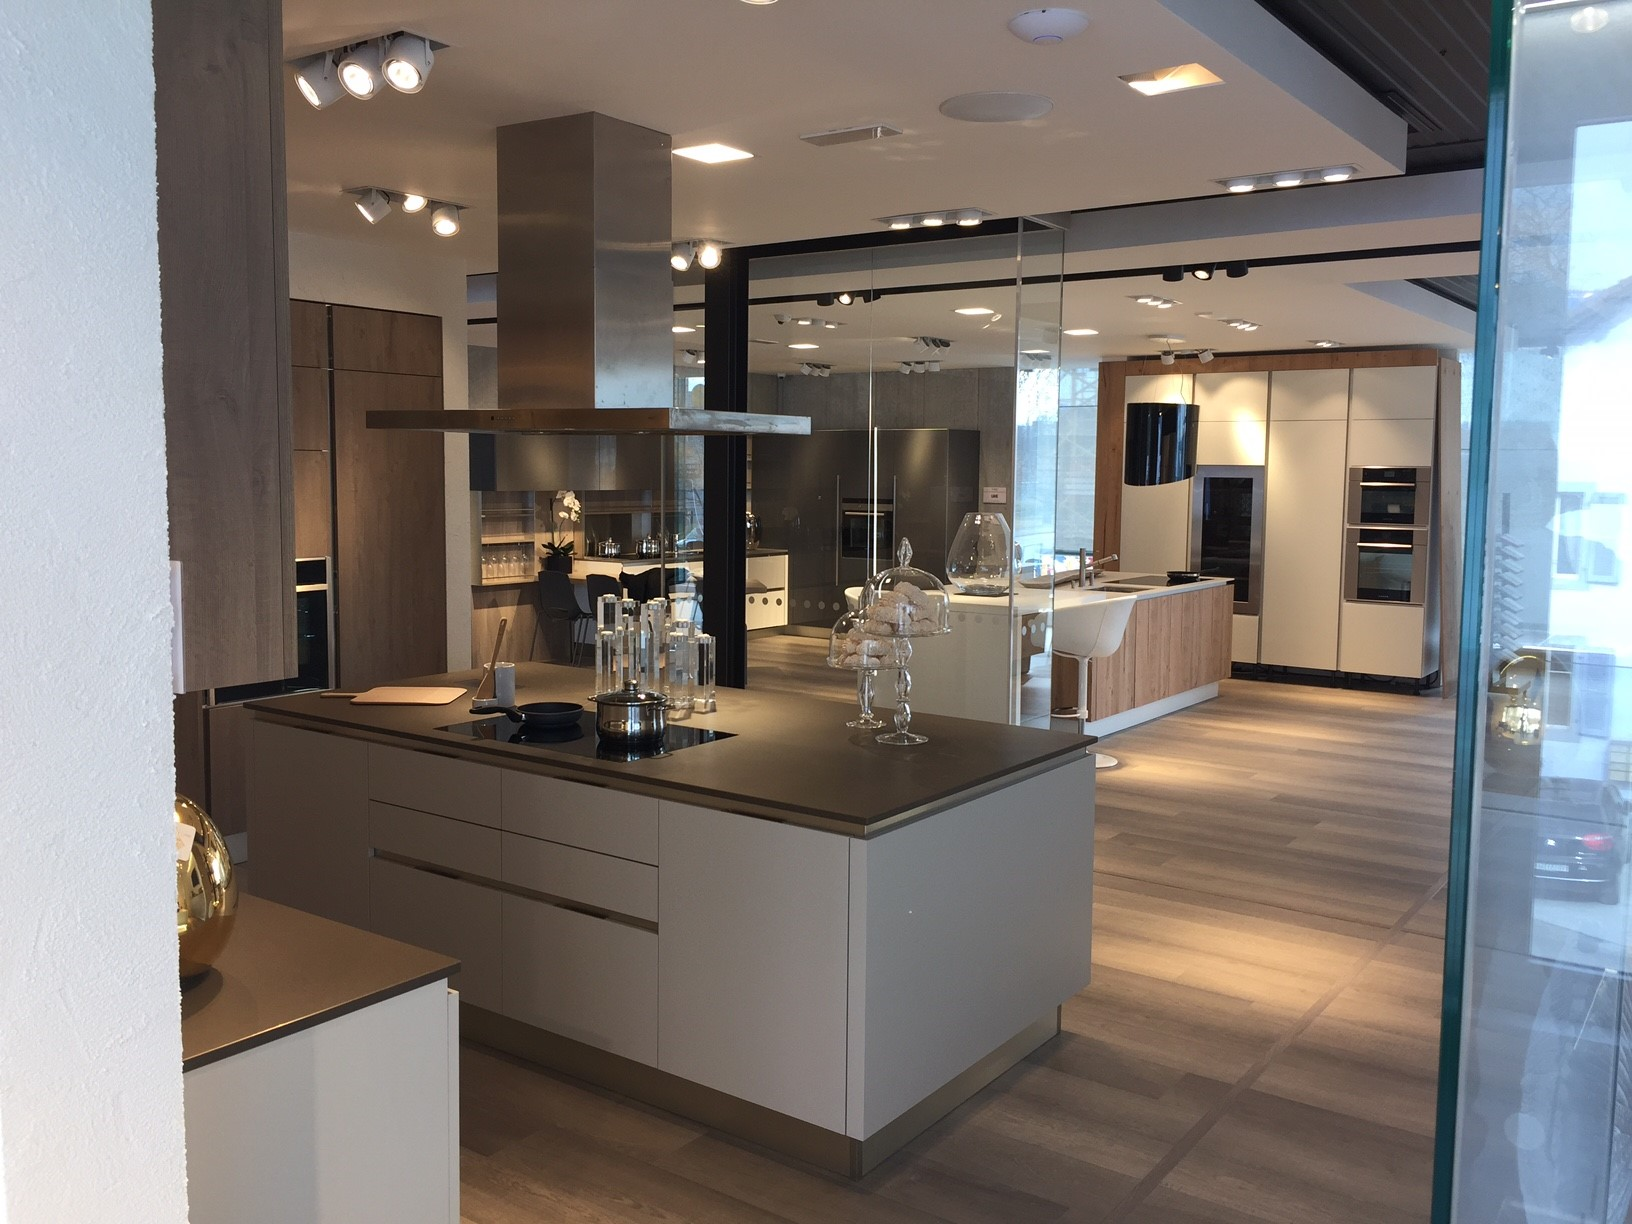 veneta cucine et son architecte d 39 int rieur yannick barthet mandat s par m6 veneta cucine l. Black Bedroom Furniture Sets. Home Design Ideas